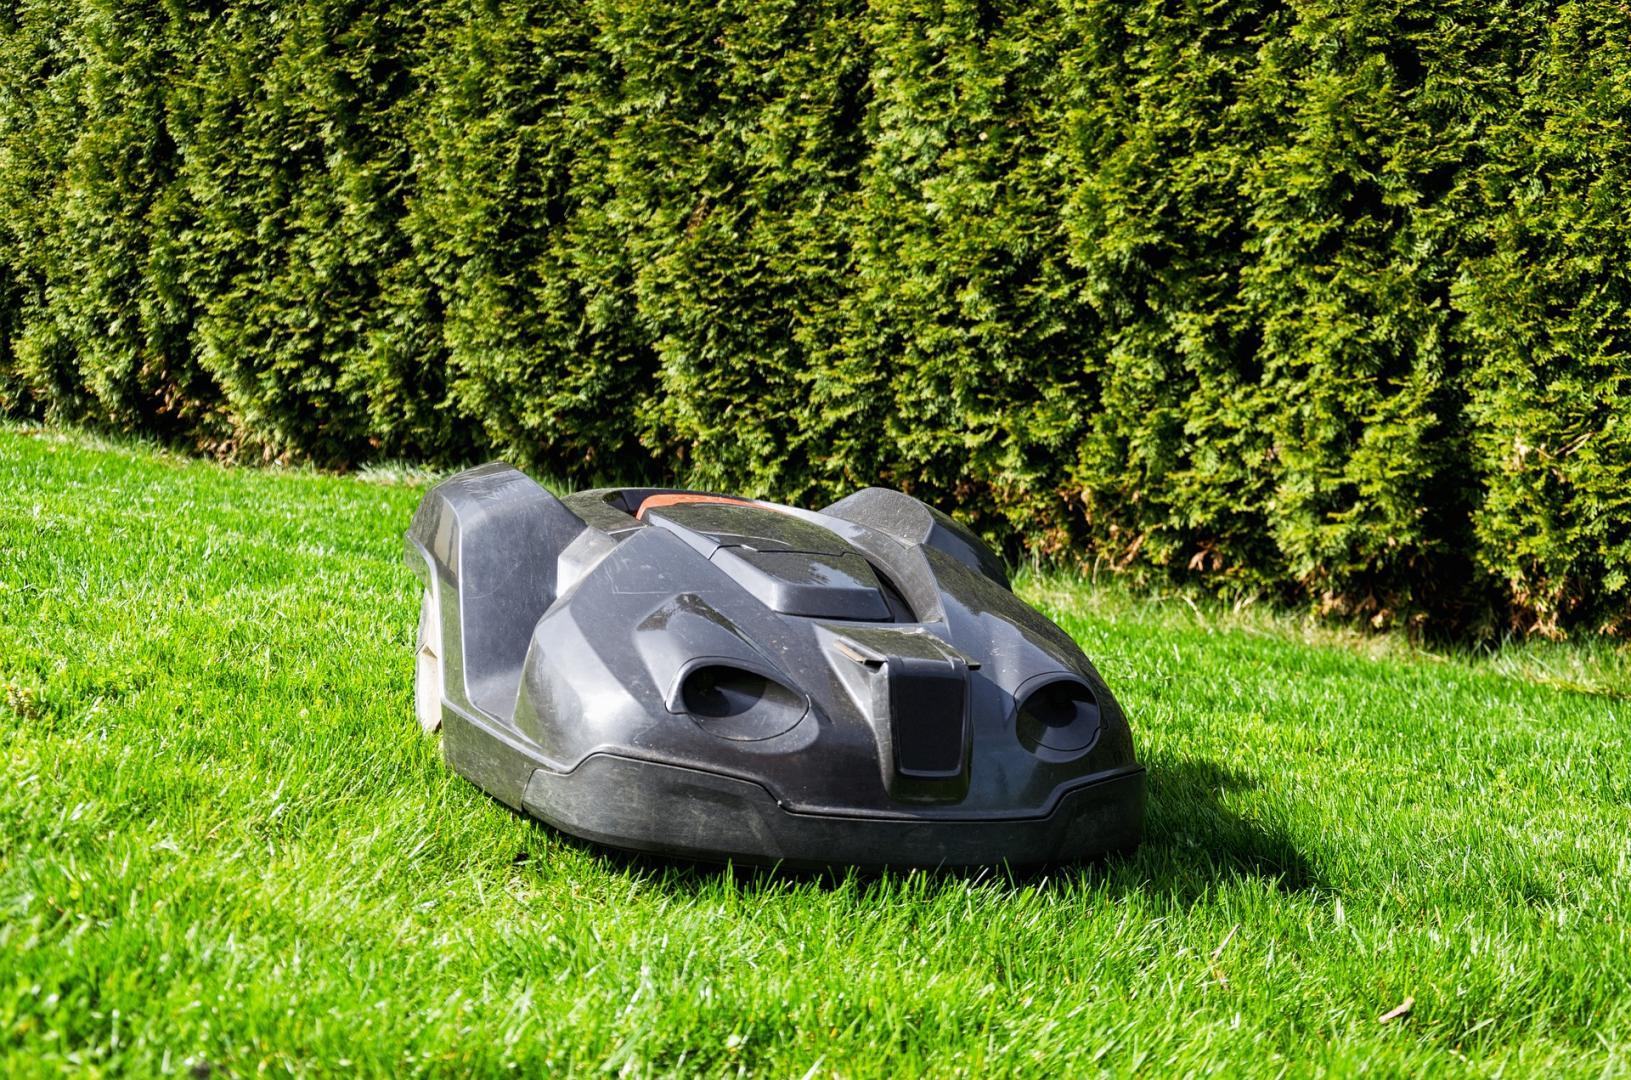 Mit einem Mähroboter hat der Rasen im Garten immer die gewünschte Länge. Pixabay-com © USA-Reiseblogger CCO Public Domain.